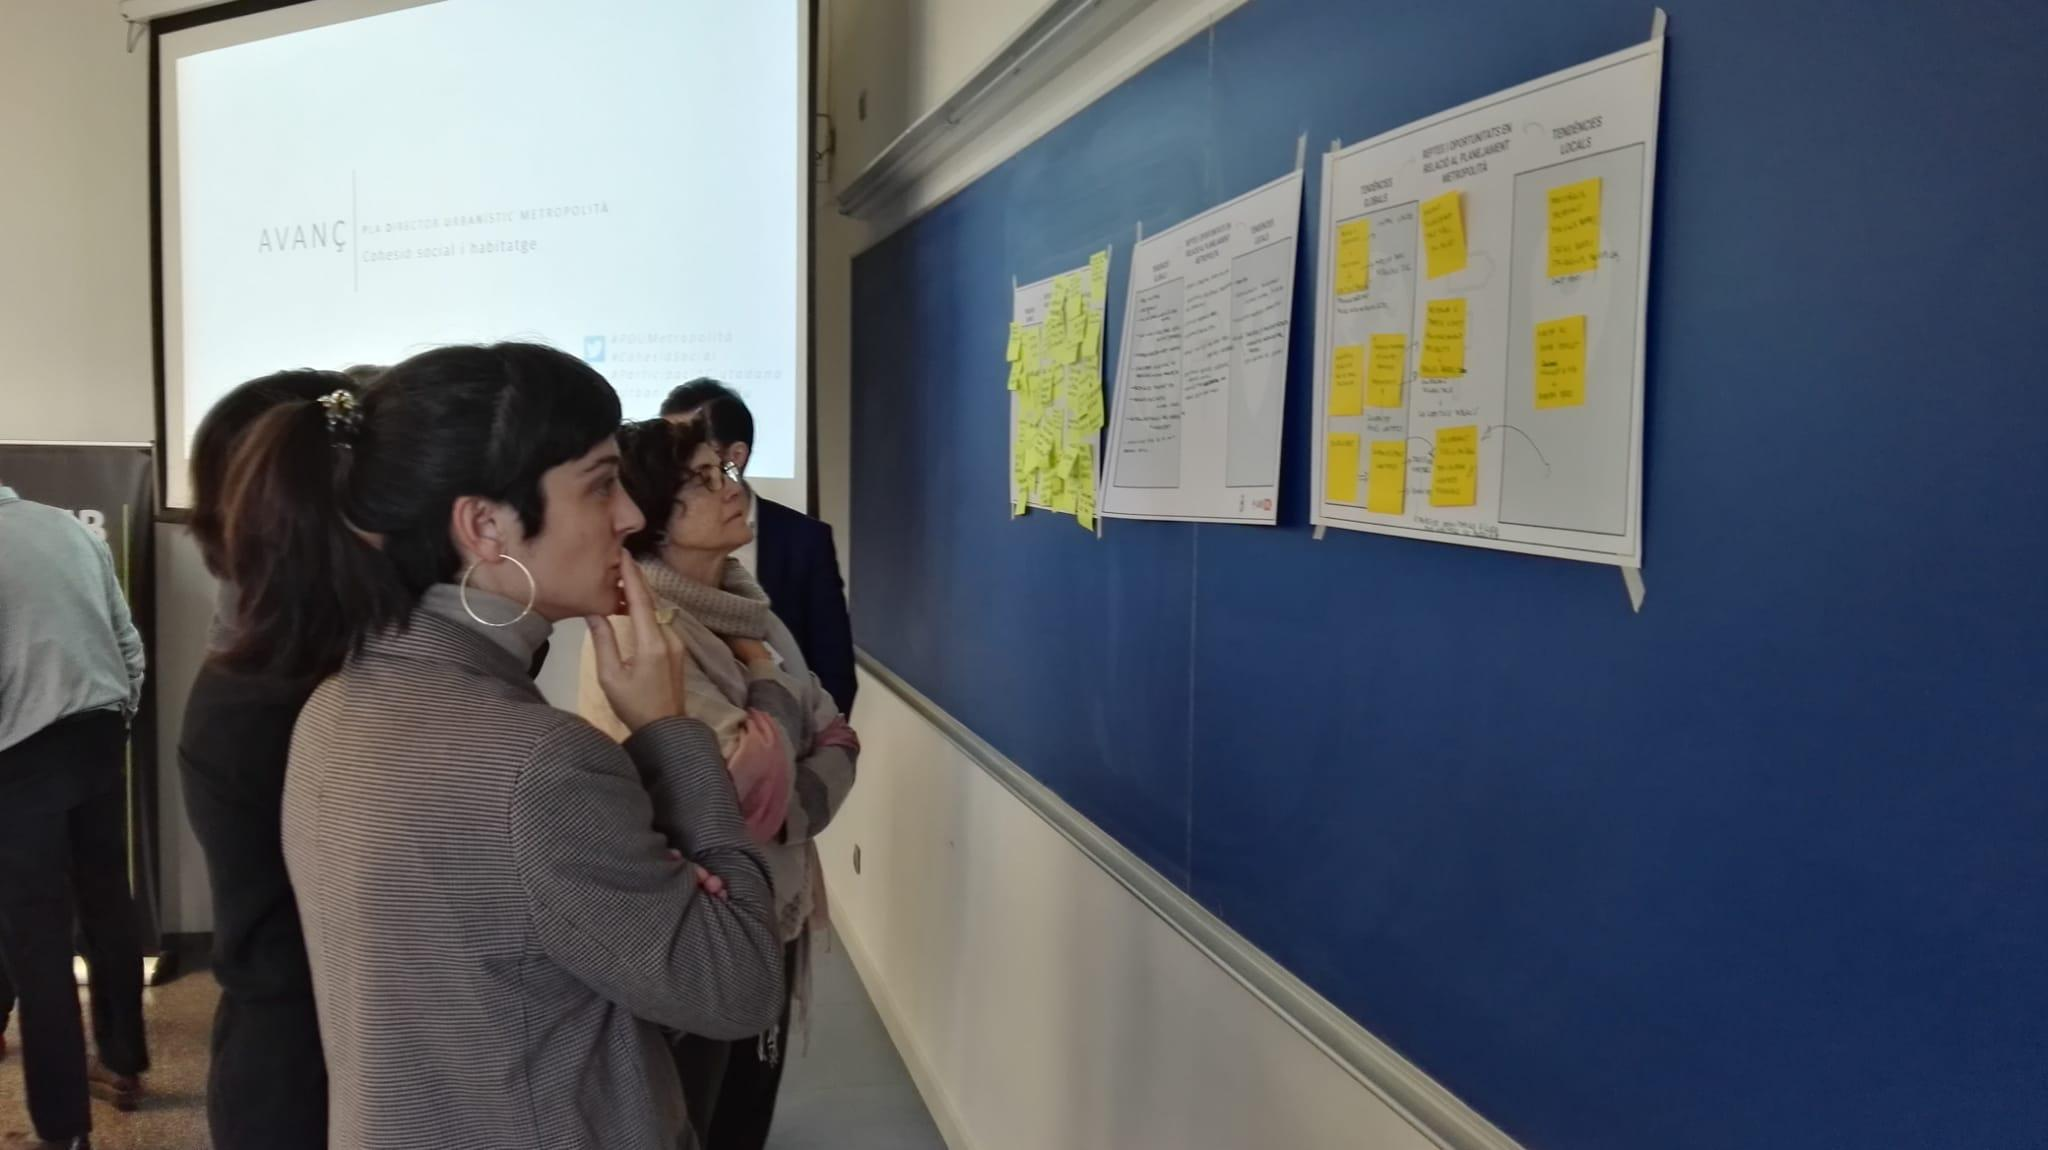 El Campus Diagonal-Besòs acull la 4a sessió de participació sobre l?Avanç del PDU Metropolità coorganitzada pel PEMB i l?equip AMB-PDU